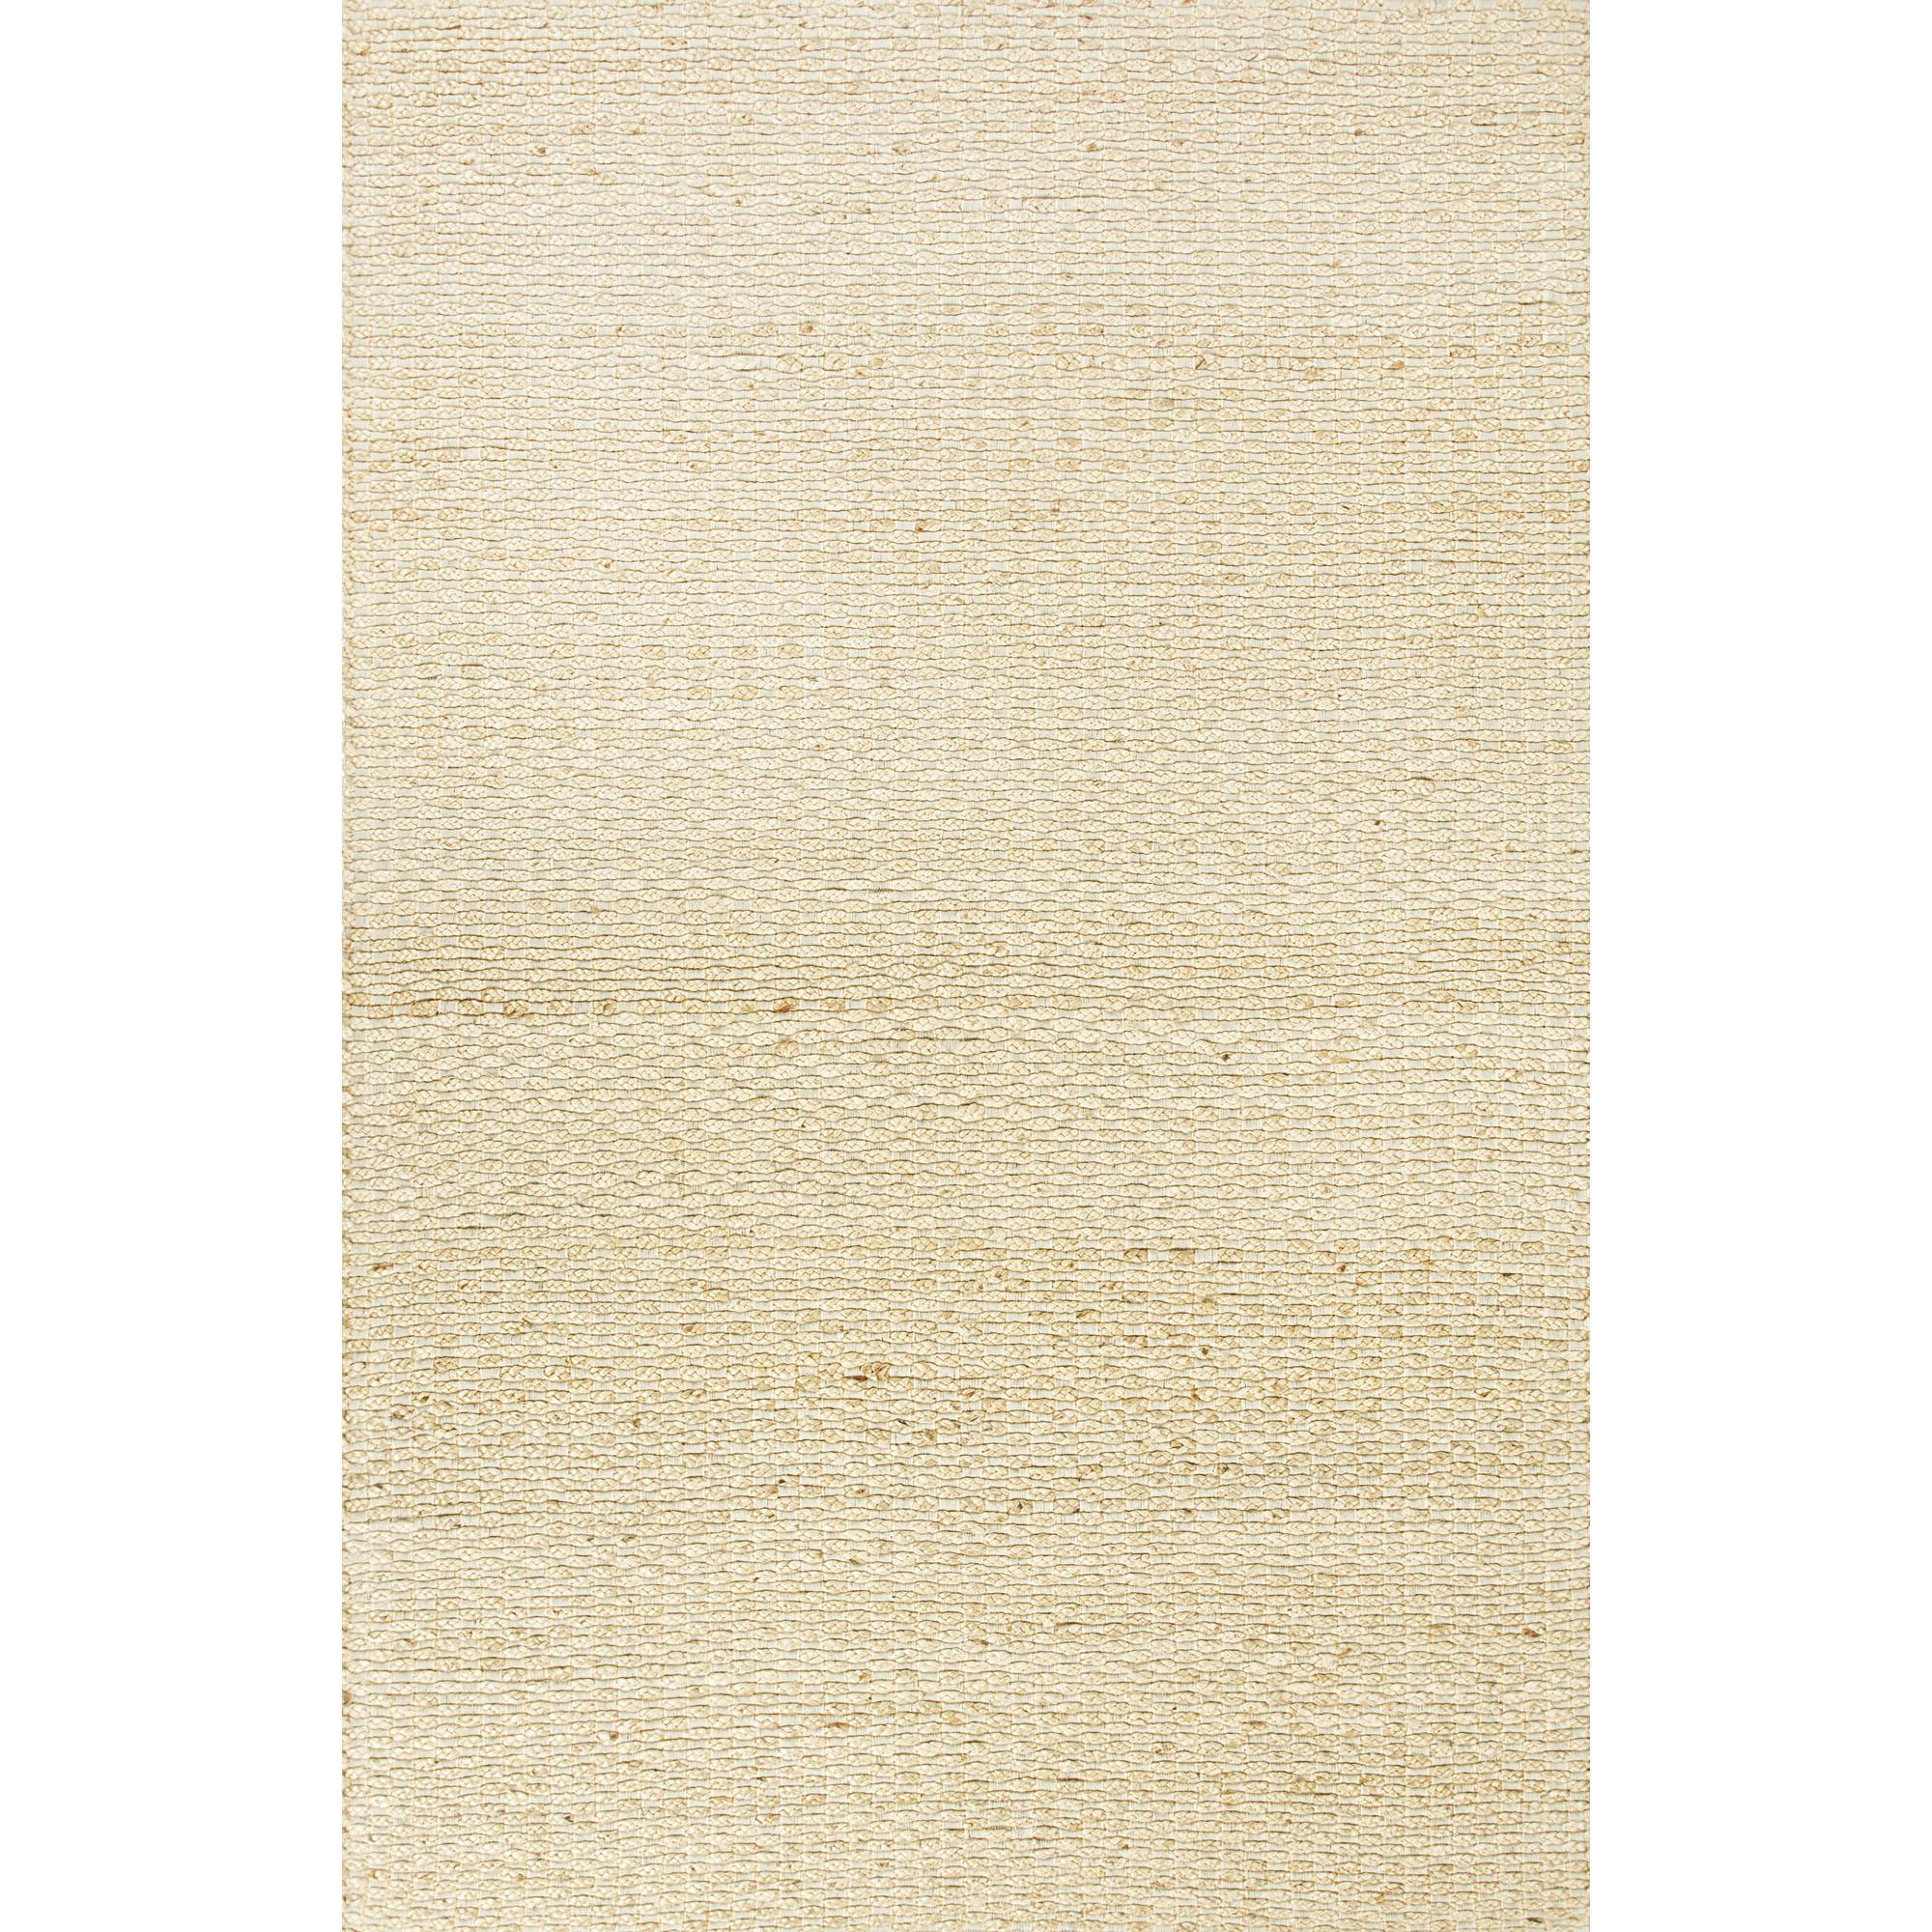 JAIPUR Rugs Andes 2.6 x 9 Rug - Item Number: RUG116646